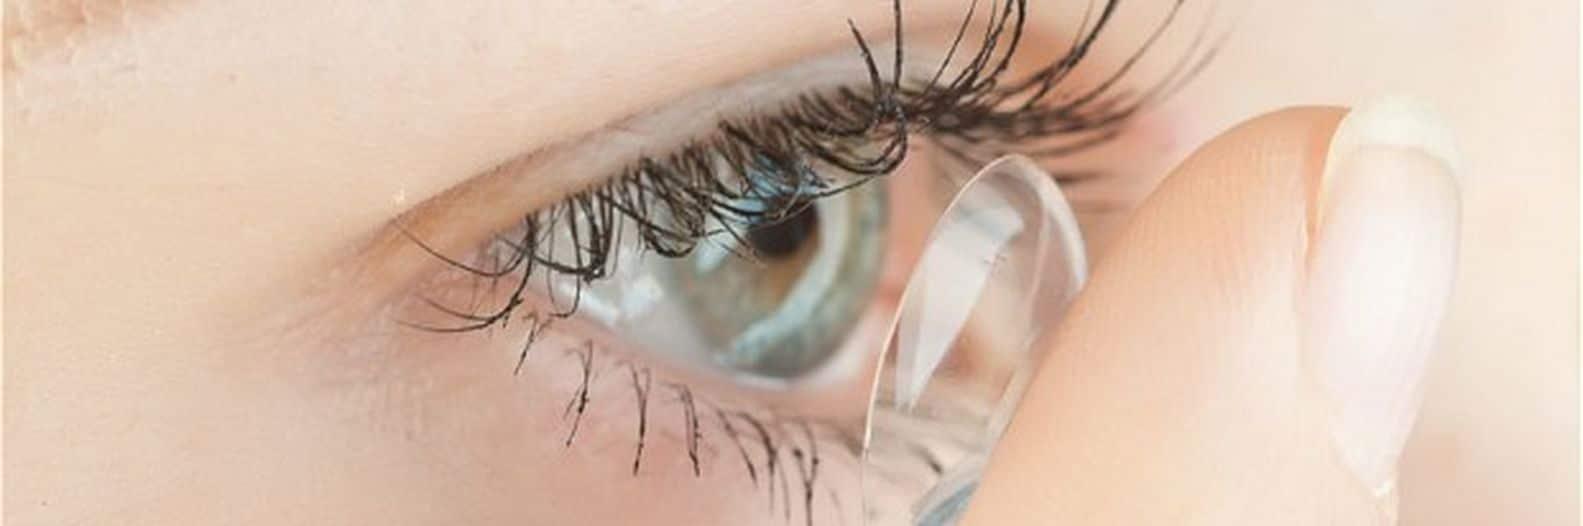 Adaptez des lentilles de contact correctrices